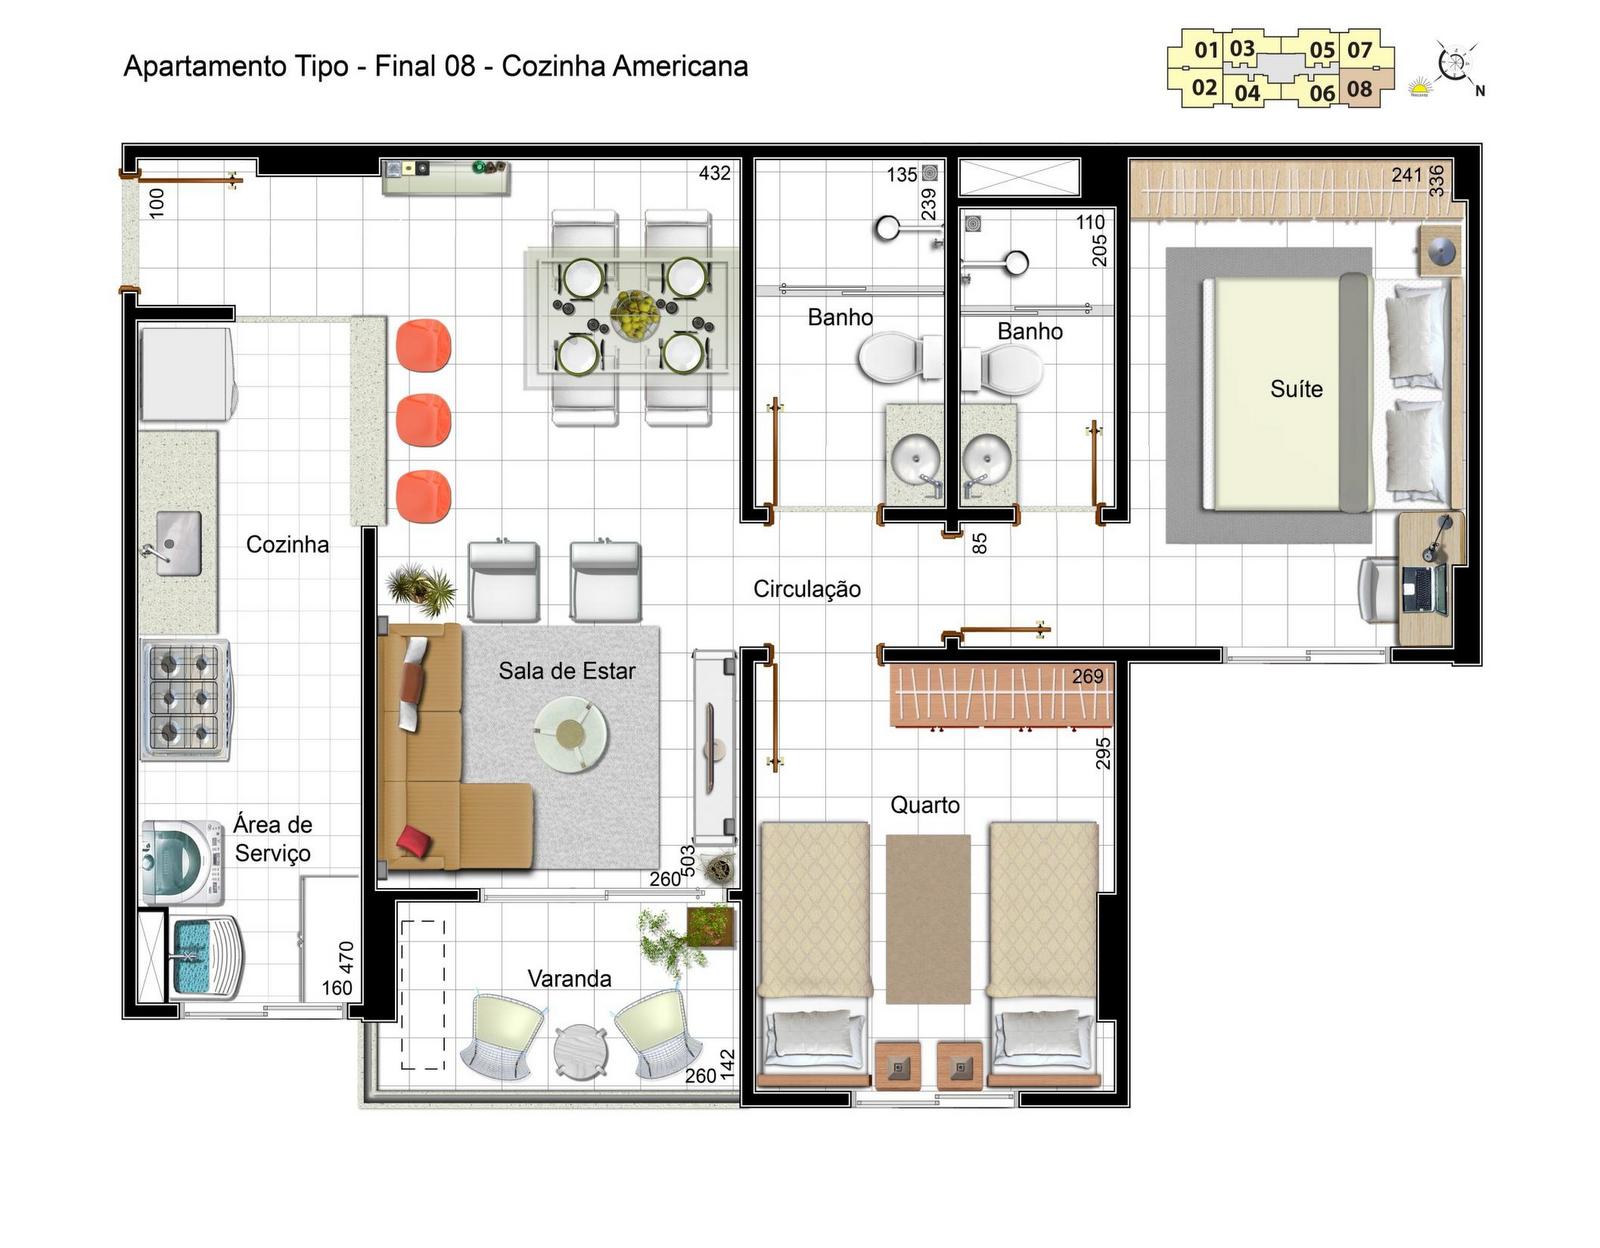 #A54C26  dois quartos sendo um suíte cozinha conjugada comárea de serviço 1600x1248 px Projetos De Cozinha Conjugada Com Area De Serviço_5387 Imagens